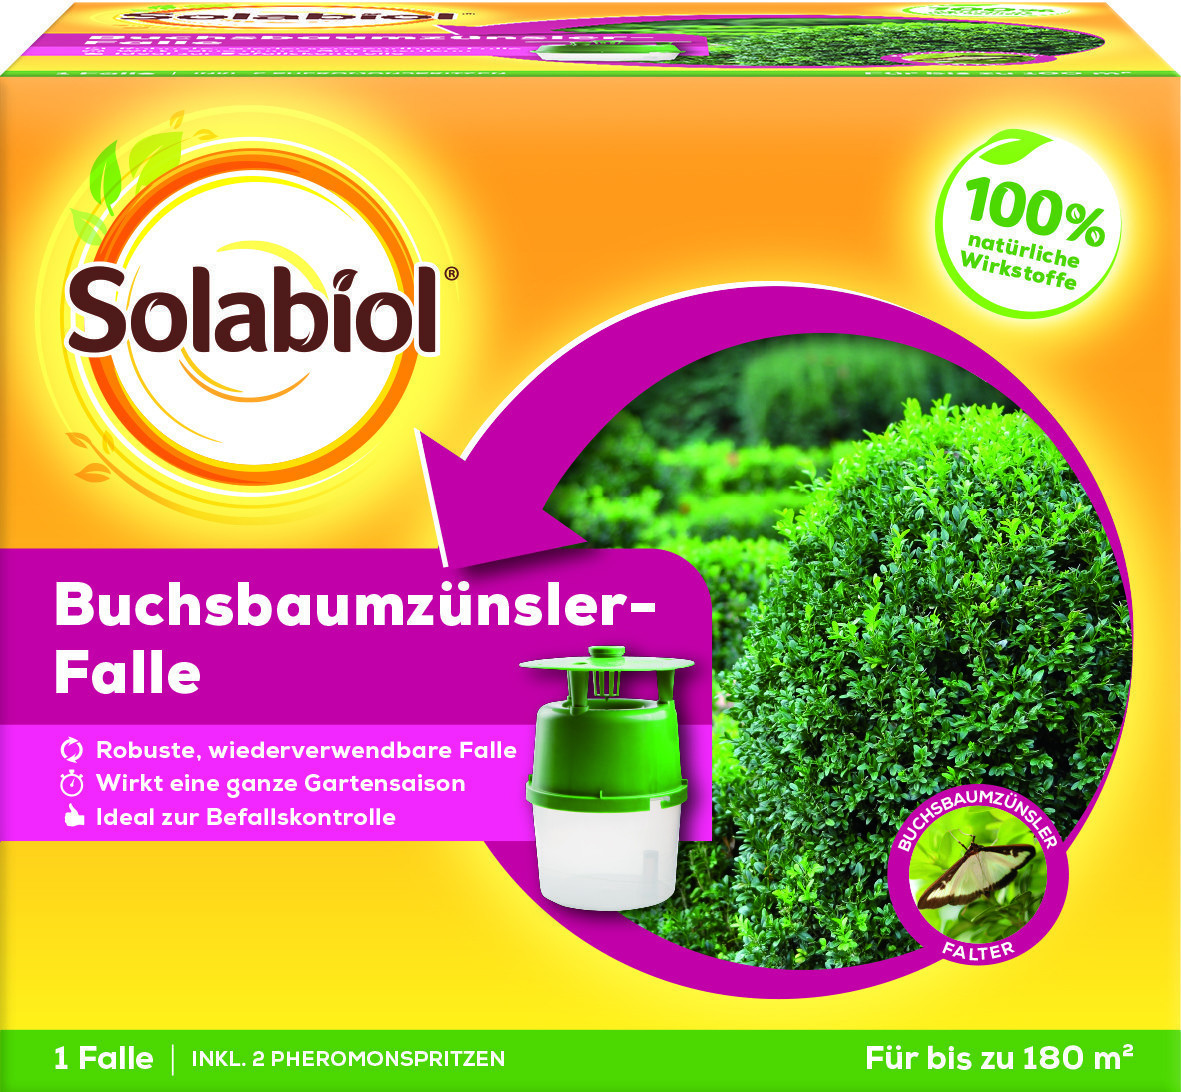 Solabiol Buchsbaumzünslerfalle 1Stk